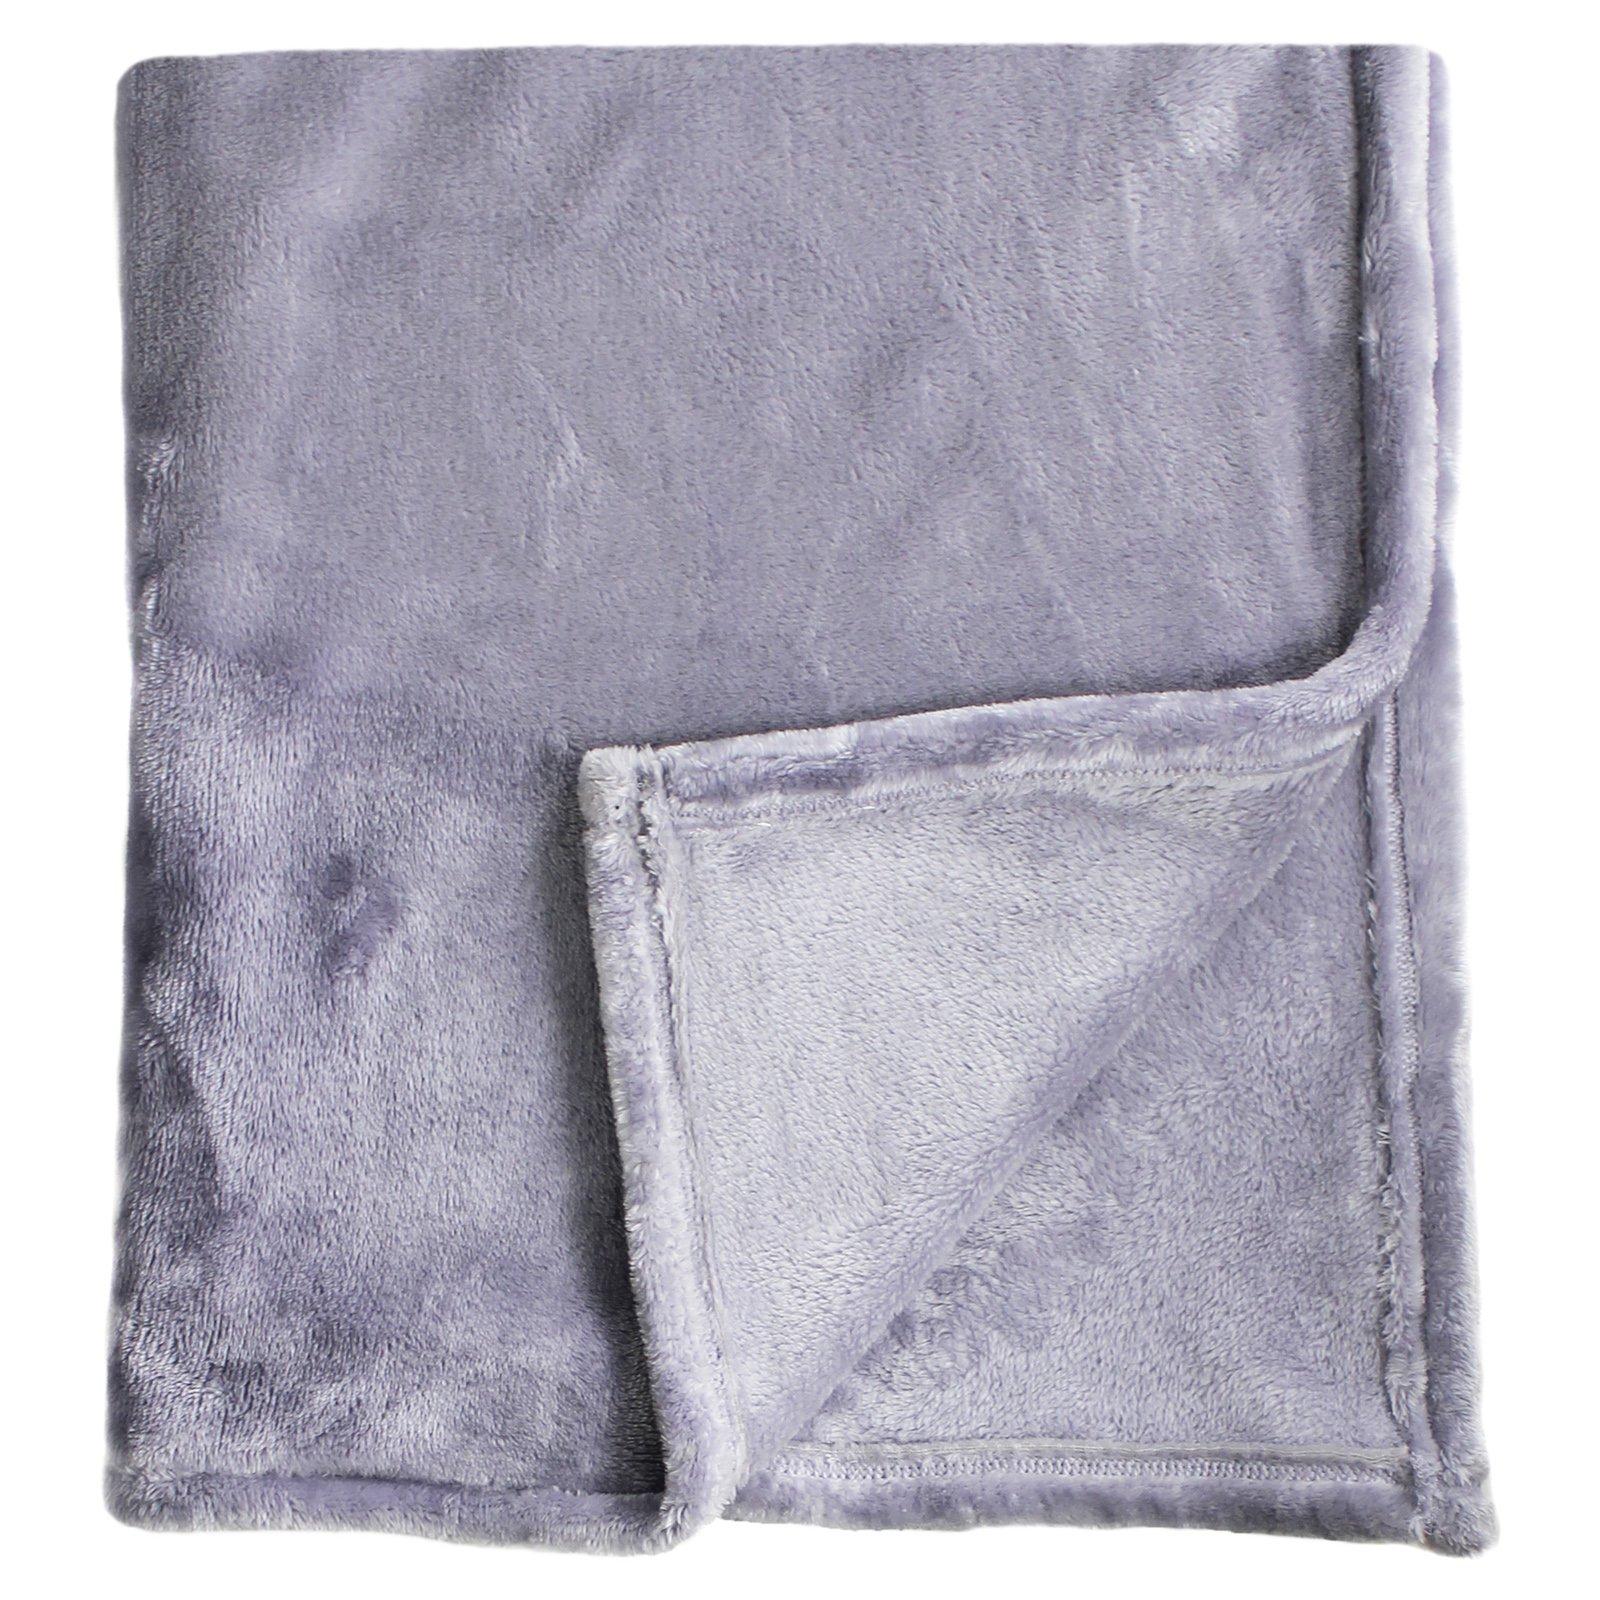 Bliss Velvet Fleece Blanket by Melange Home